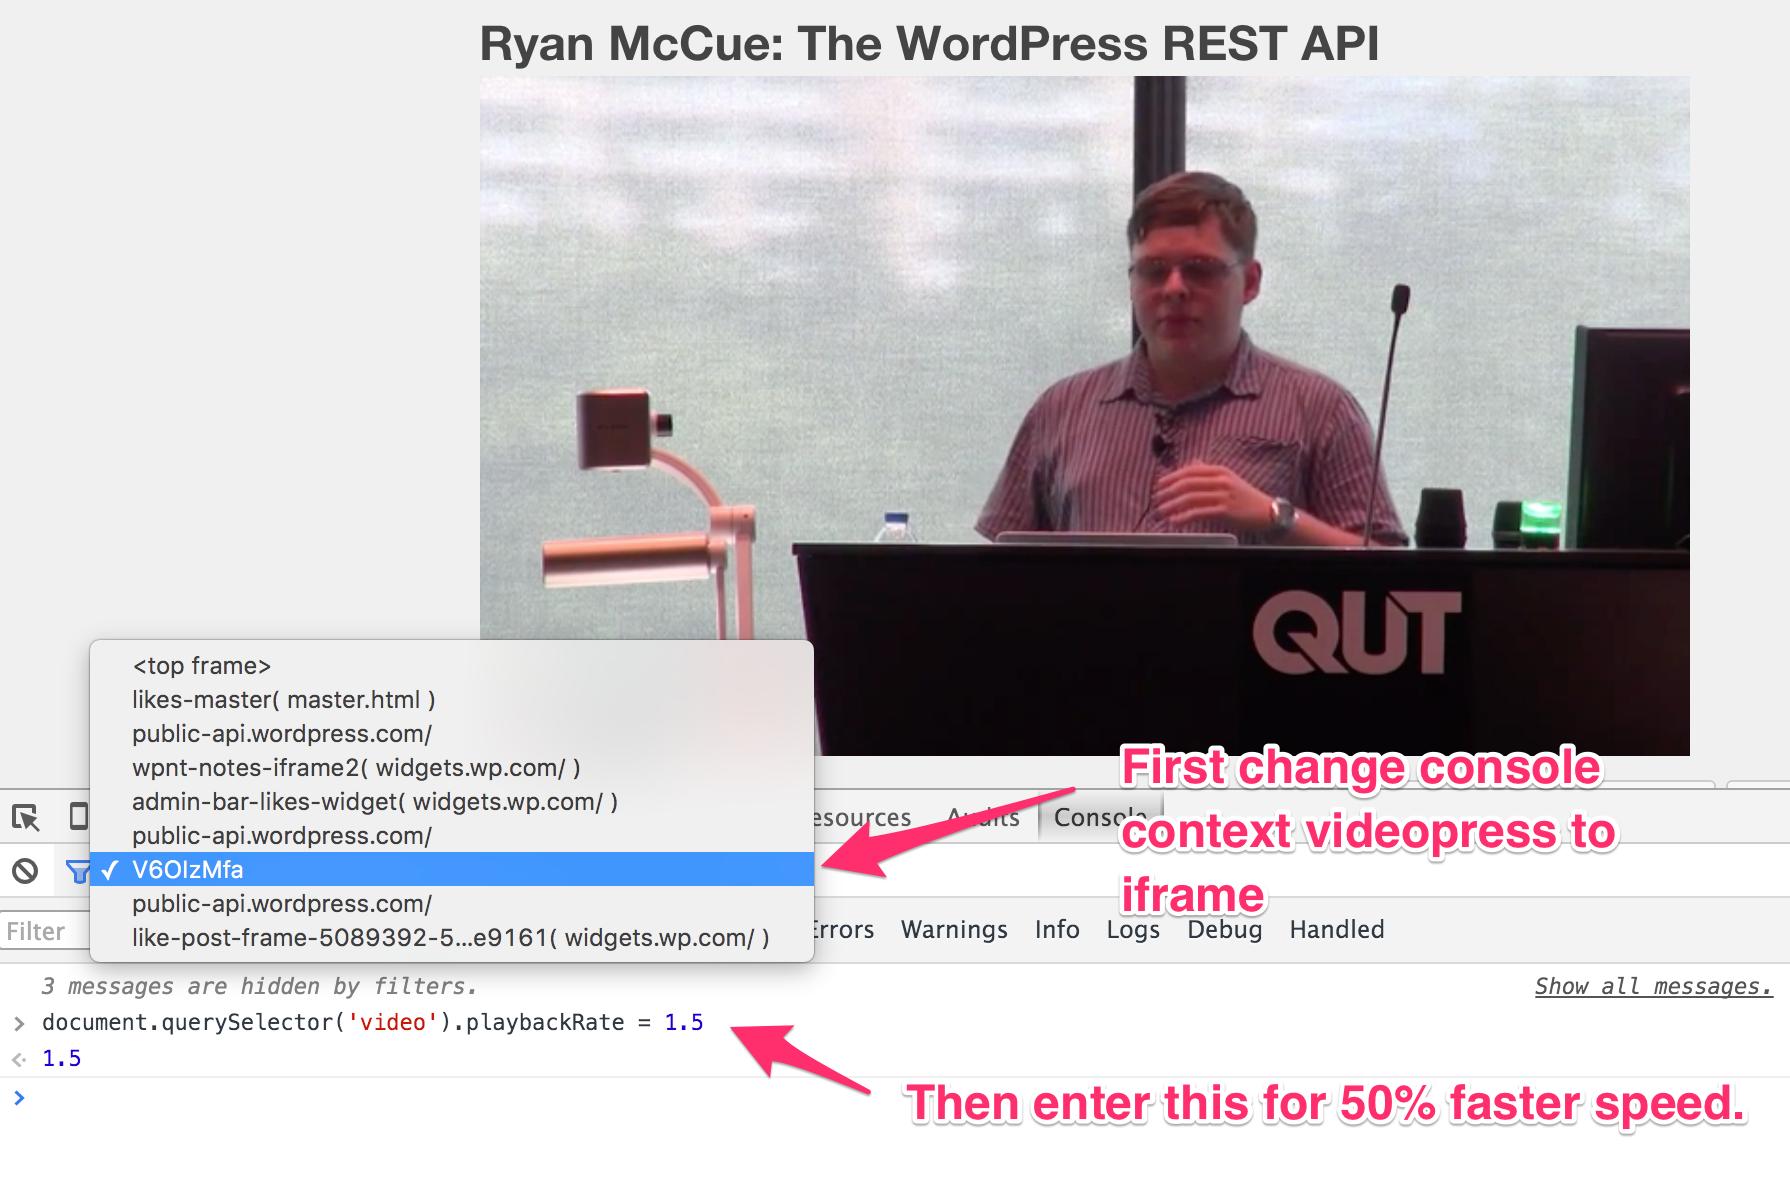 Increasing playbackRate of videos on WordPress TV